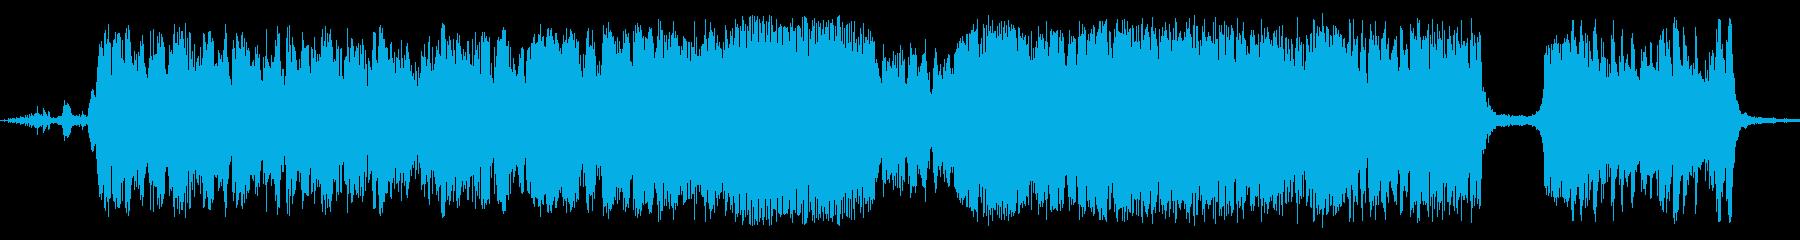 メタルスクリール、フォリーの再生済みの波形